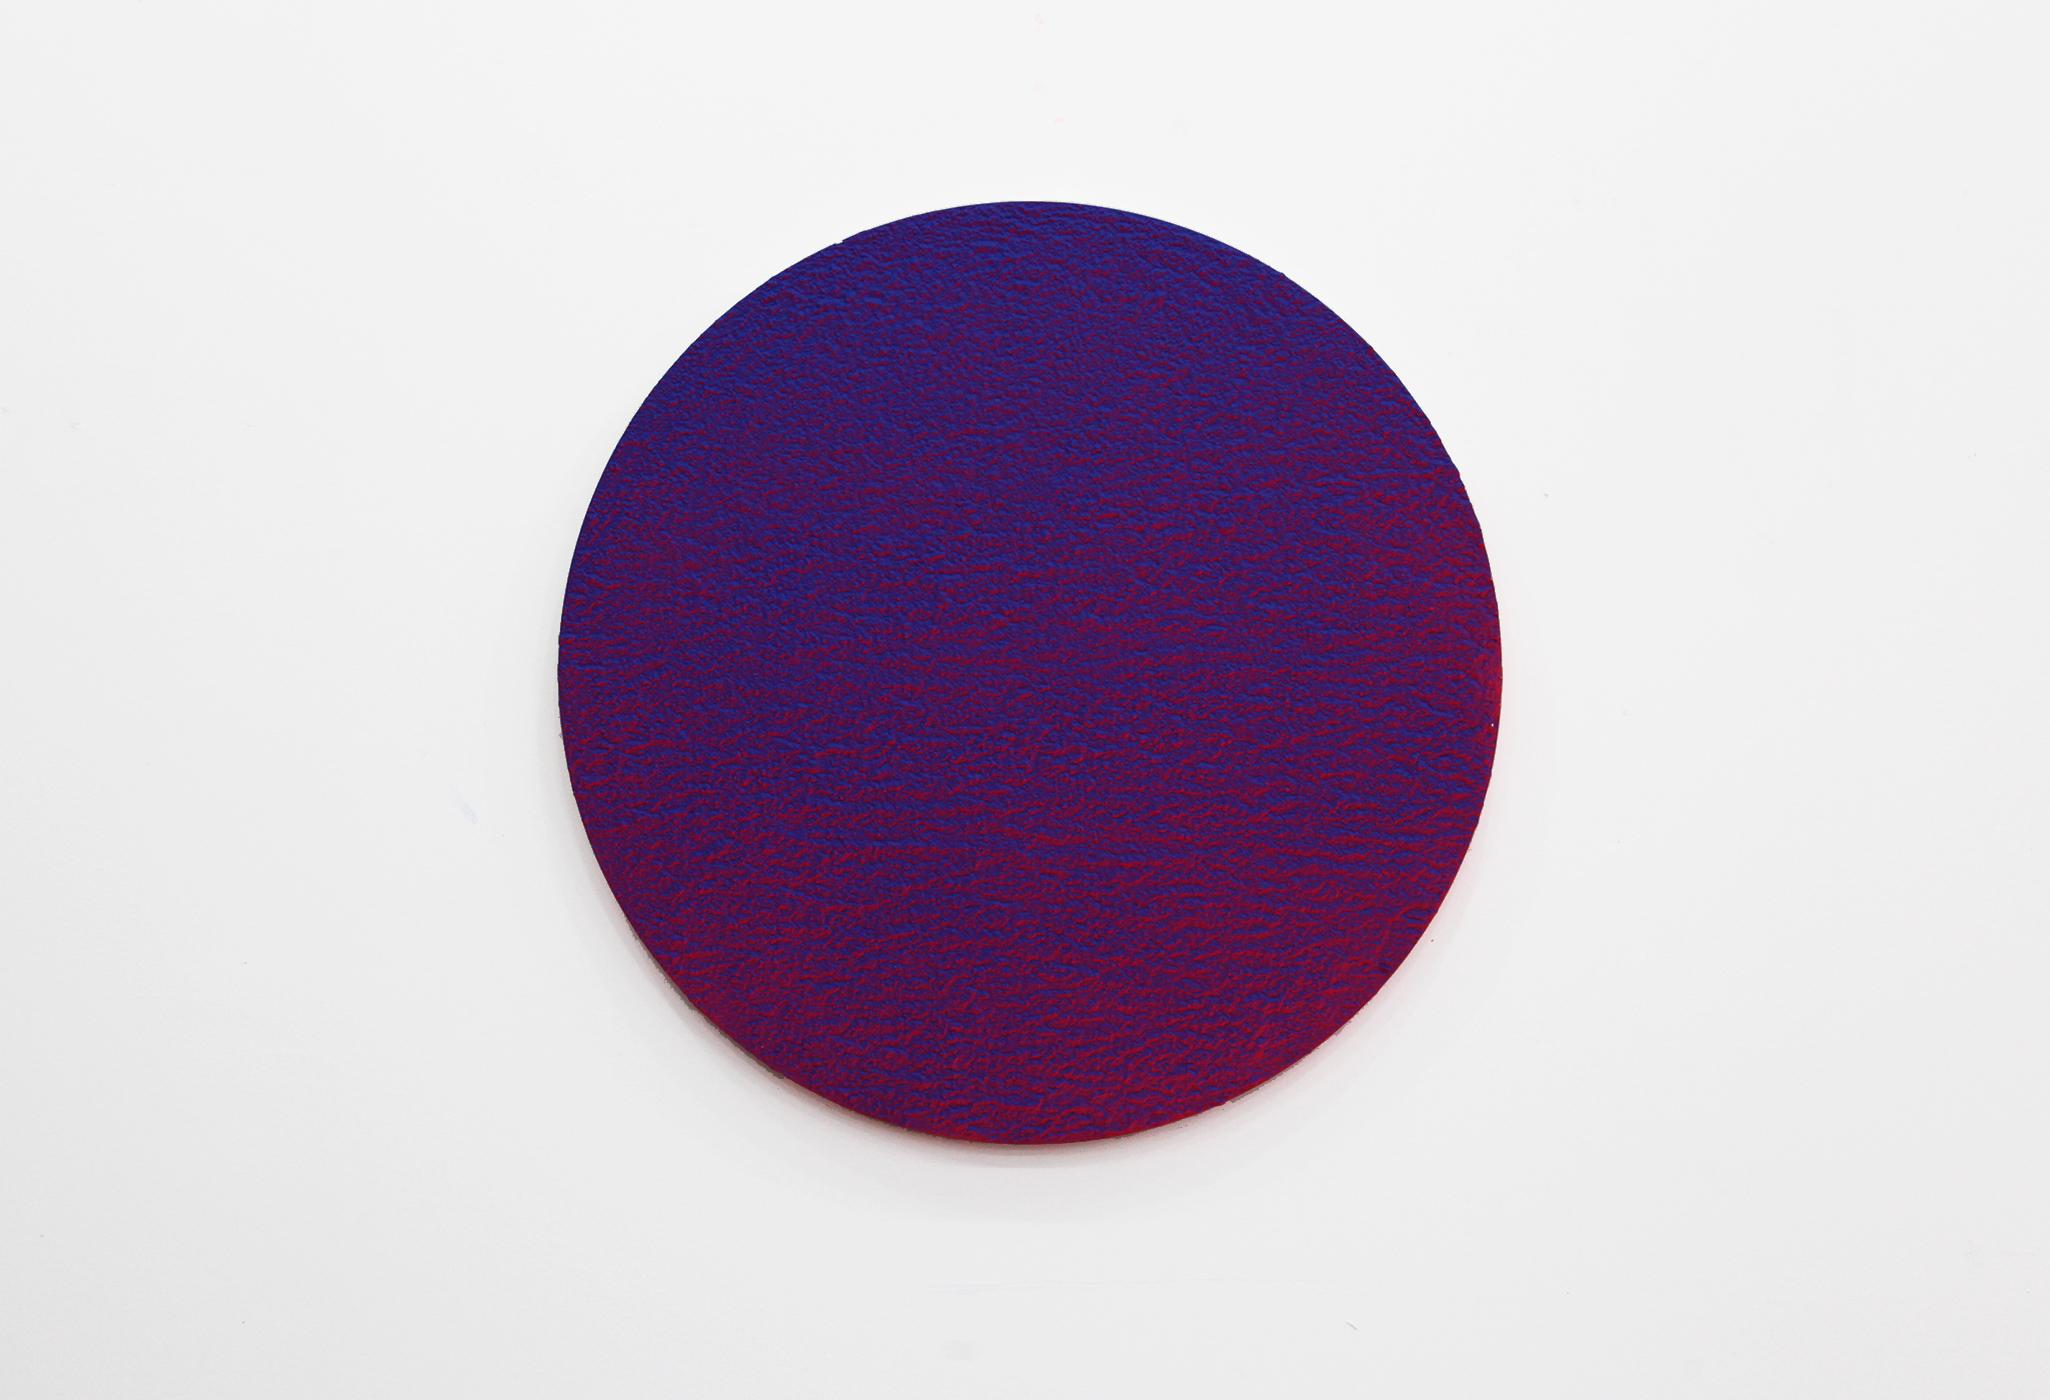 """Pierre Julien,  In the Deepest Oceans - C001 , 2018, stucco, acrylique et peinture aérosol sur panneau de bois, 76 cm (30"""") de diamètre"""